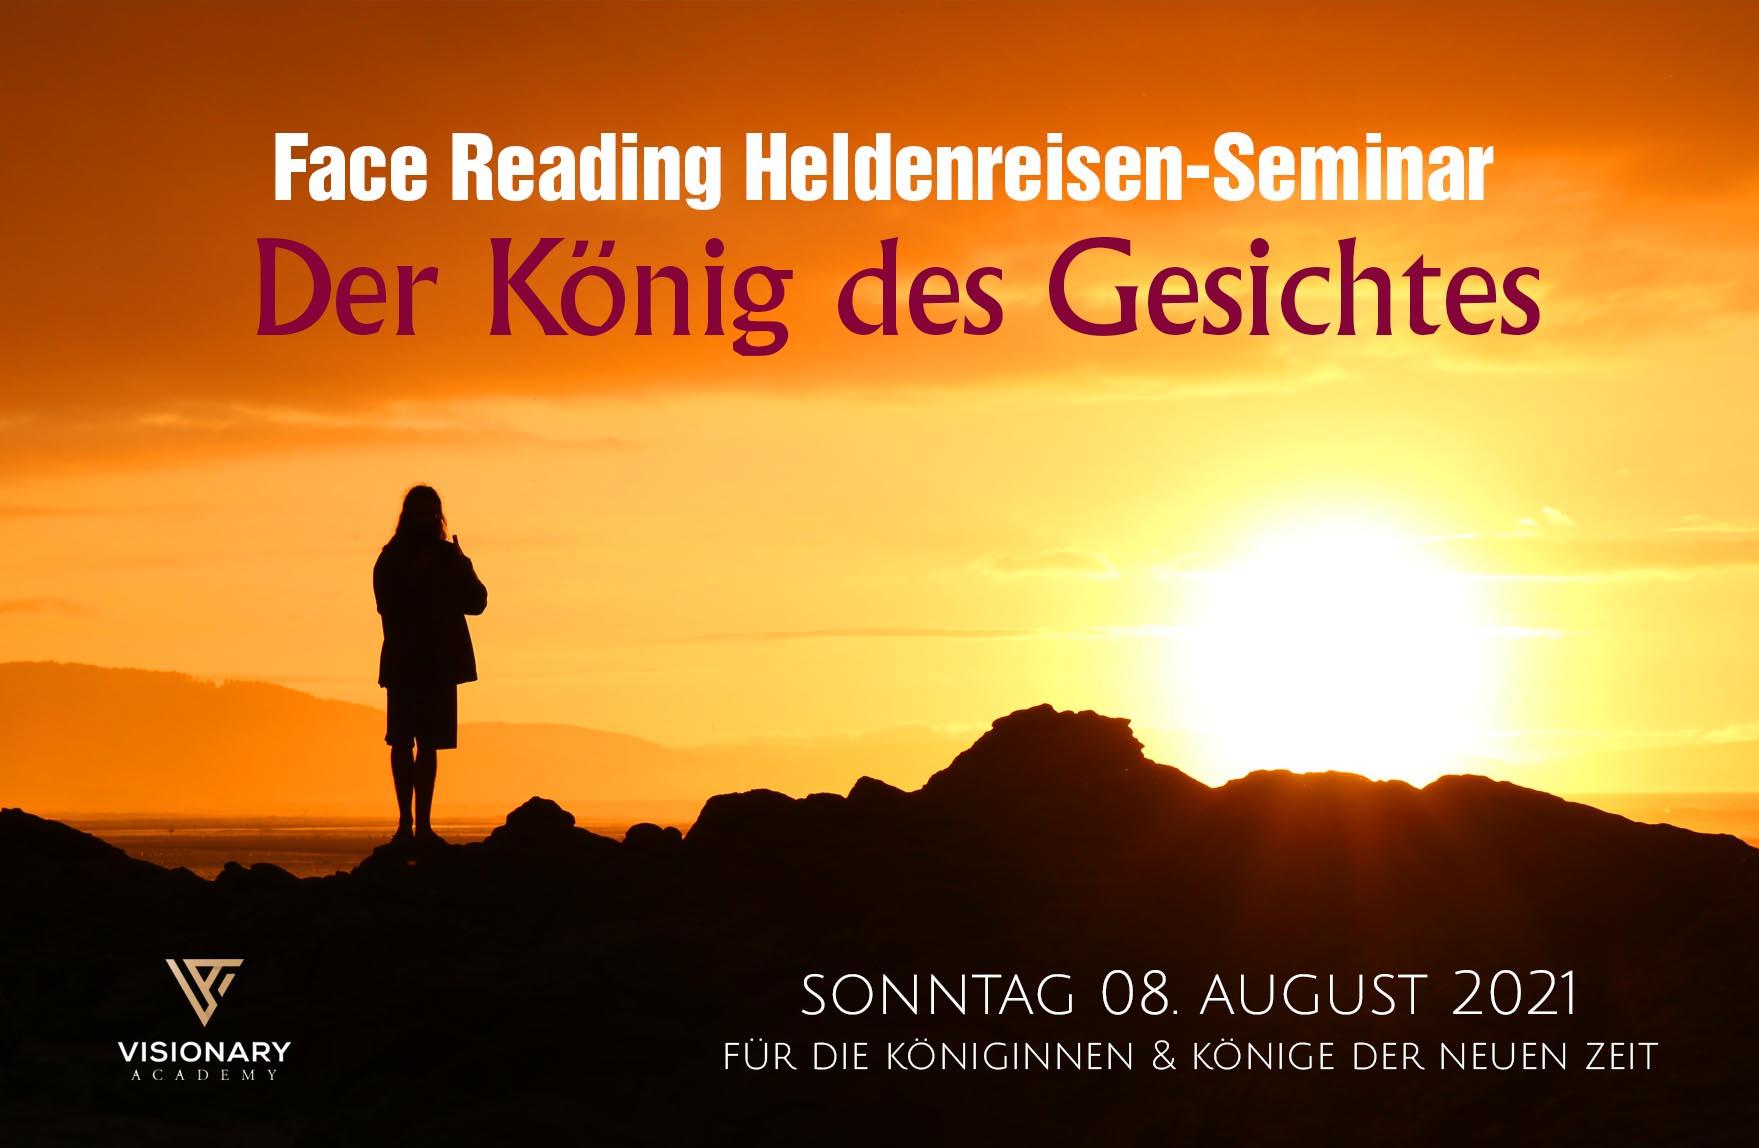 Die Rückkehr der Könige Face Reading Seminar